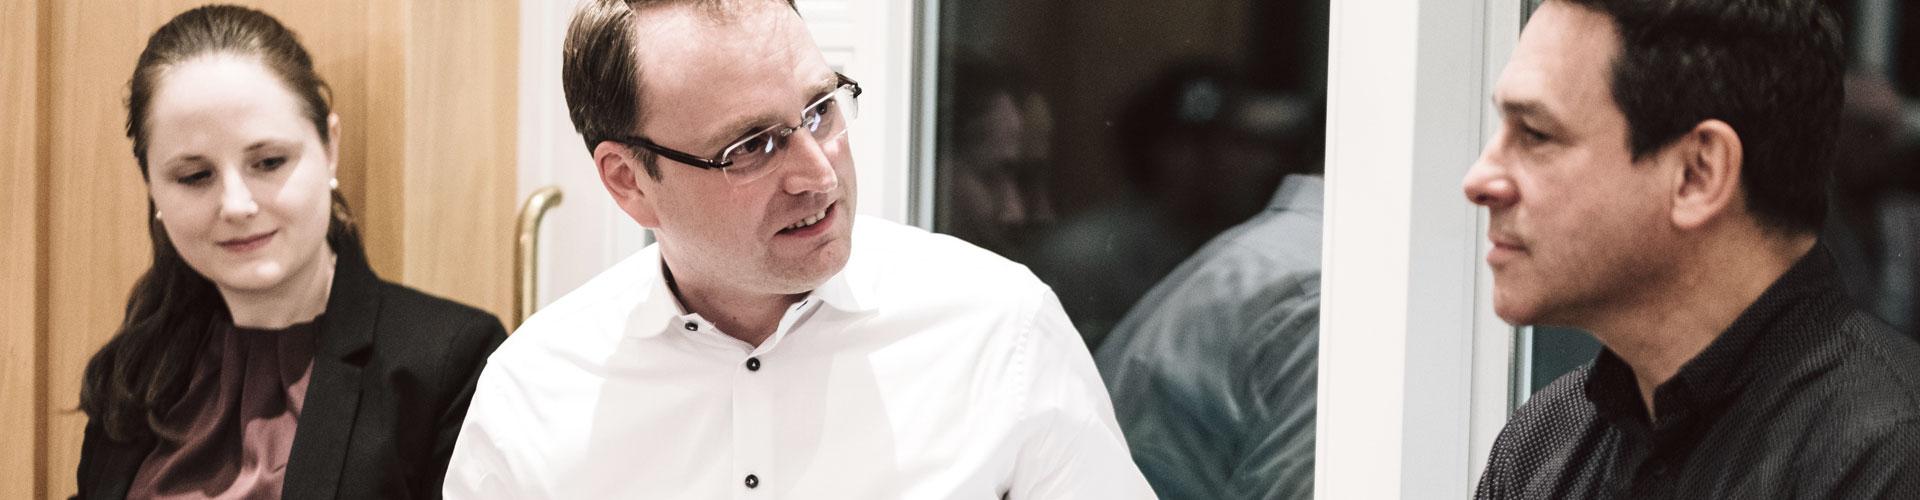 Projekte der Wirtschaftsjunioren NRW